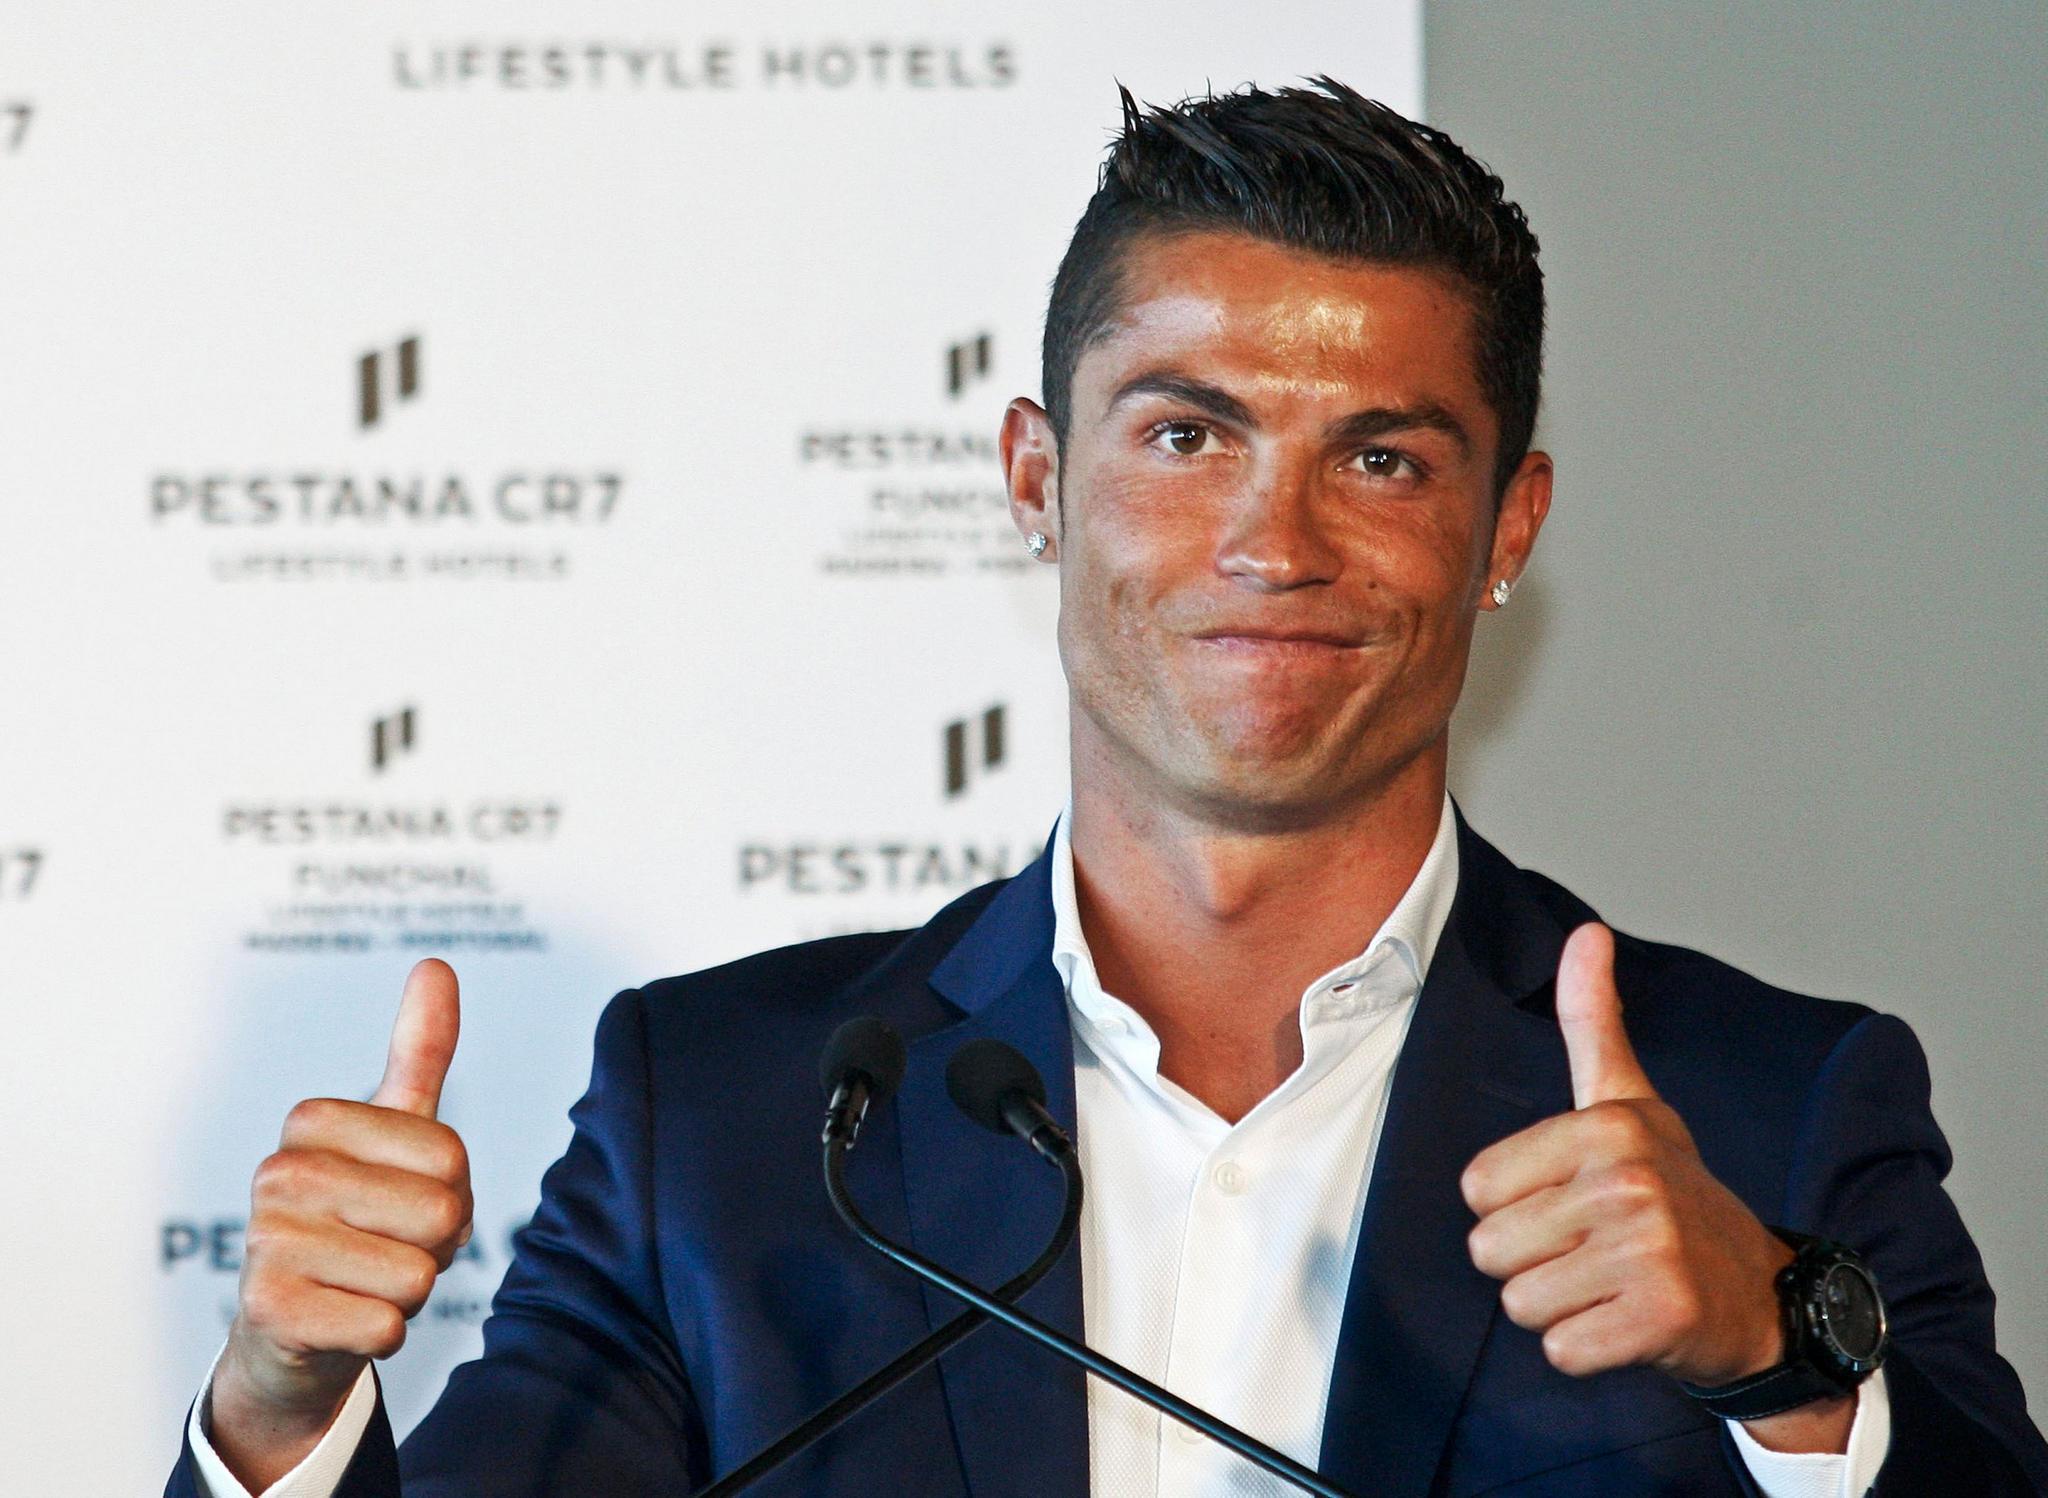 Cristiano Ronaldo bestätigt Geburt von Zwillingen